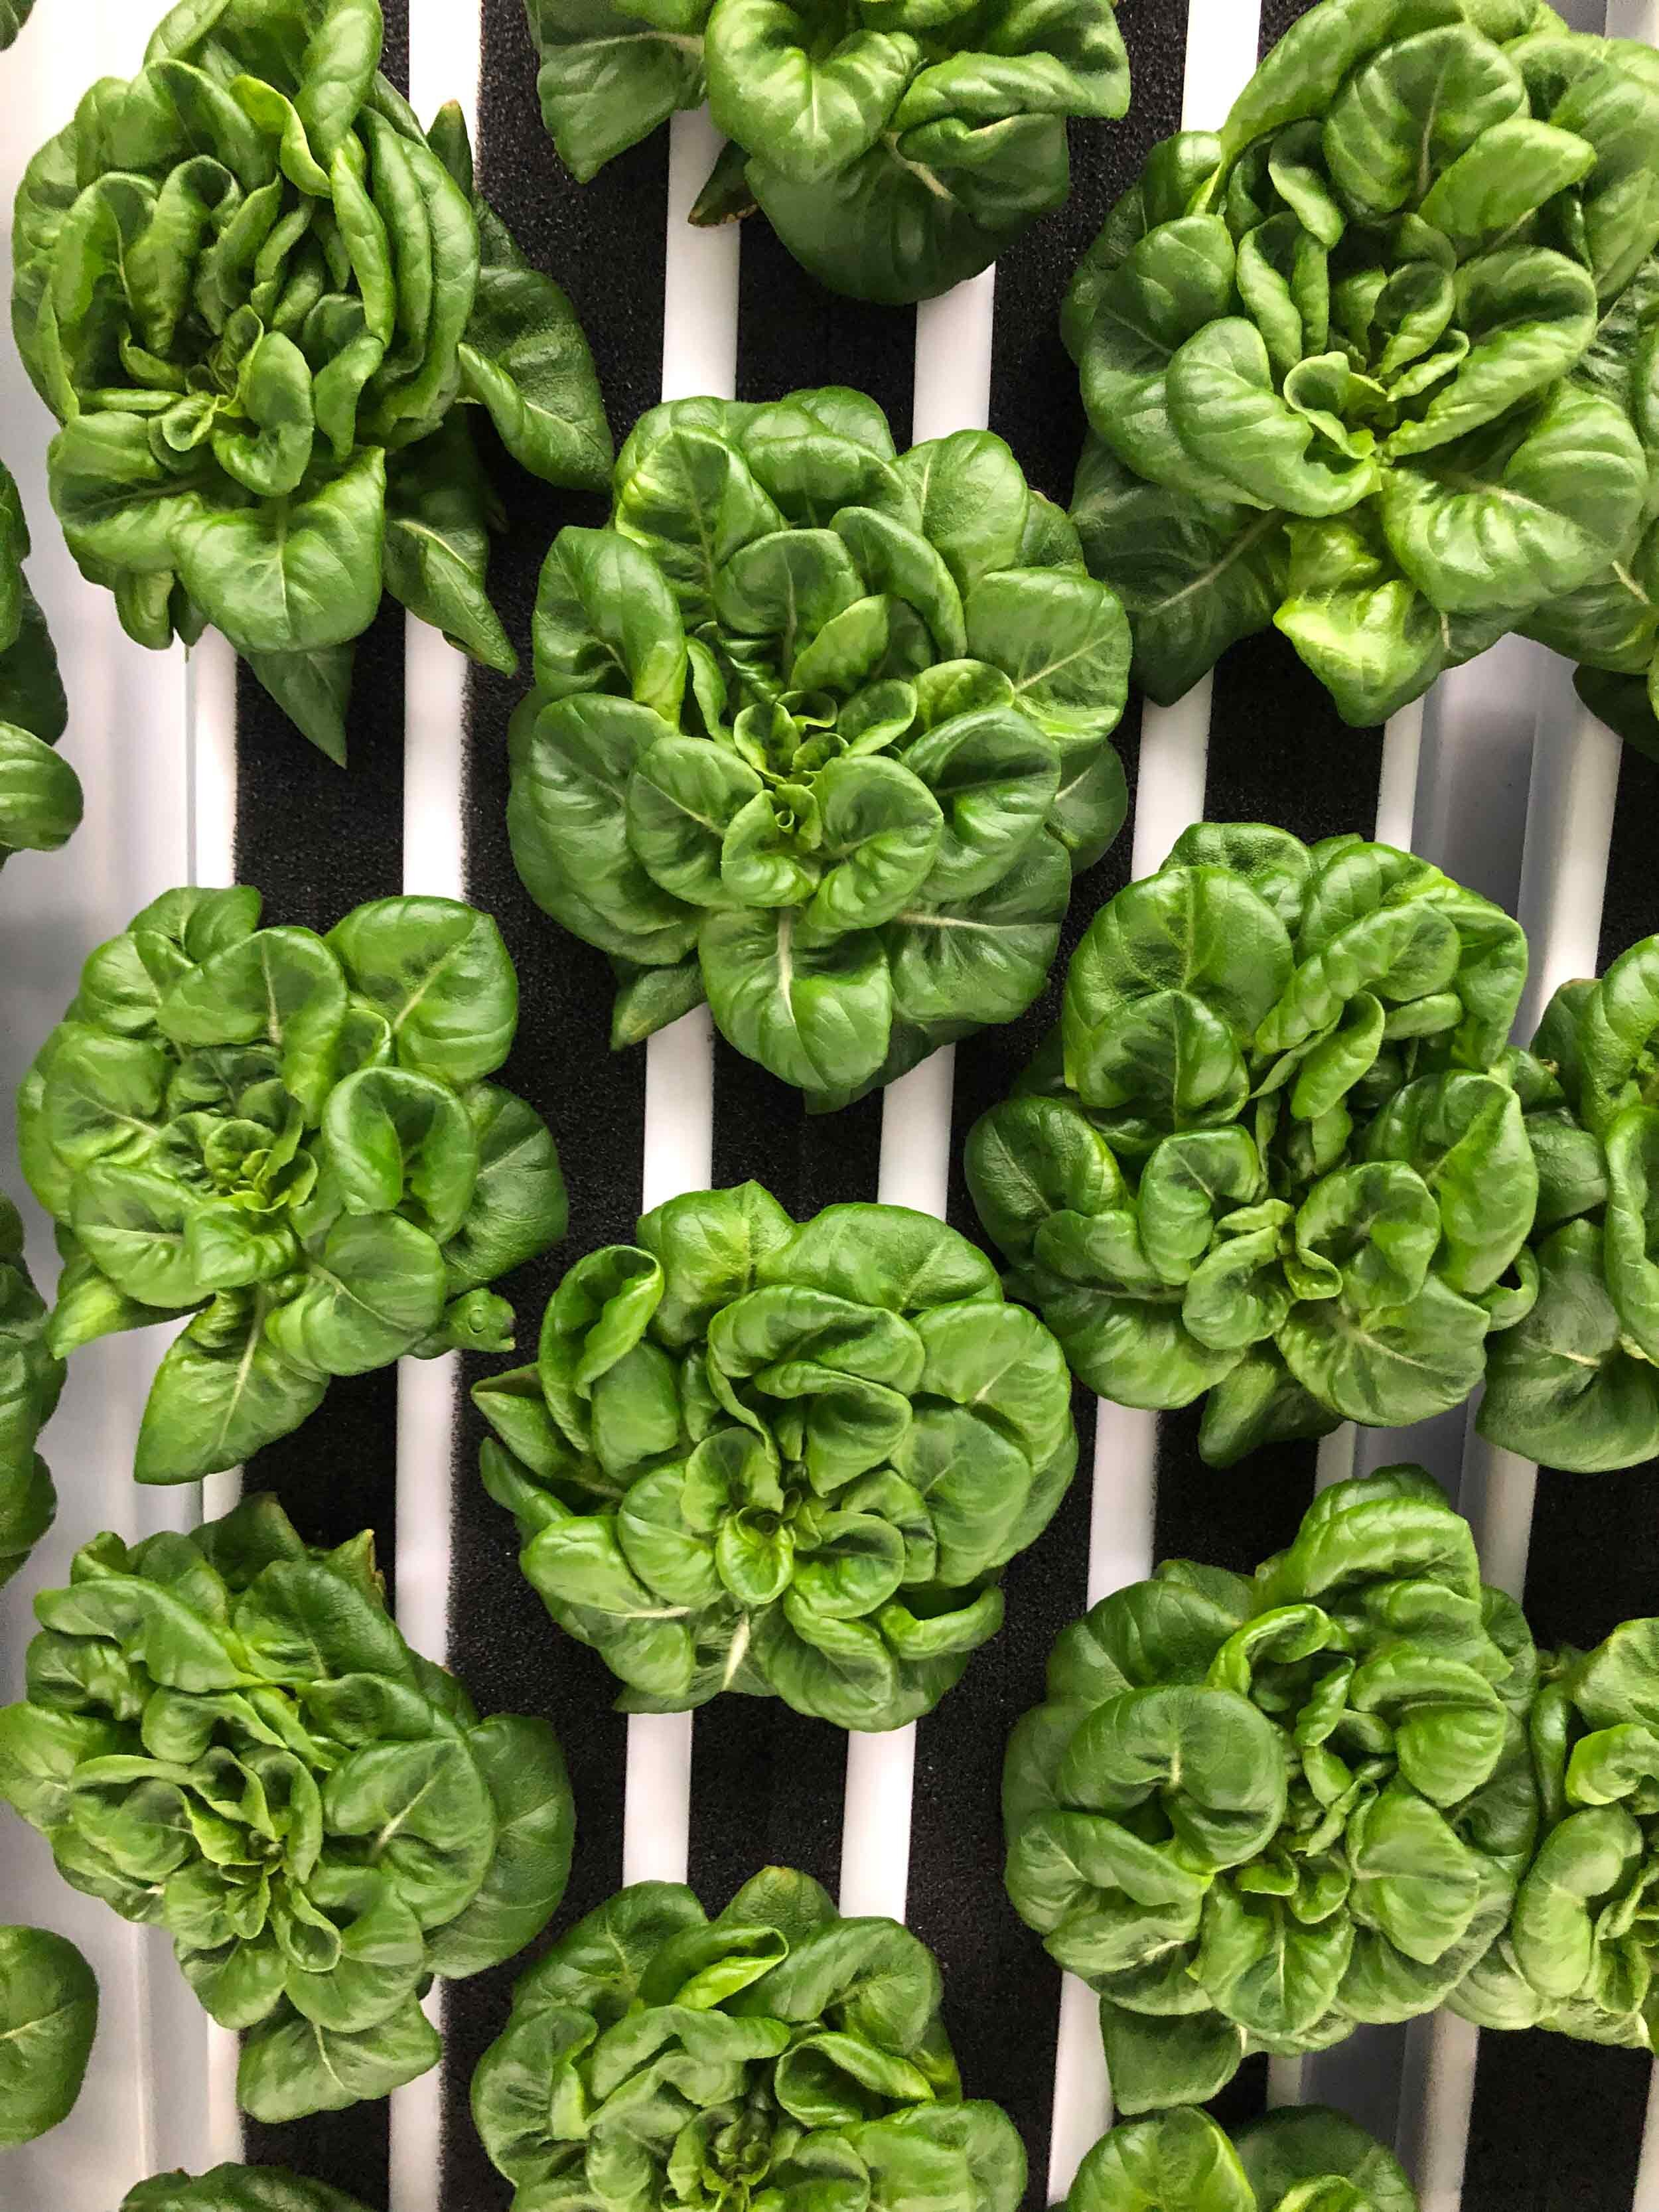 4-week Green Butterhead lettuce growing vertically in the Greenery's 5-channel plant panel.